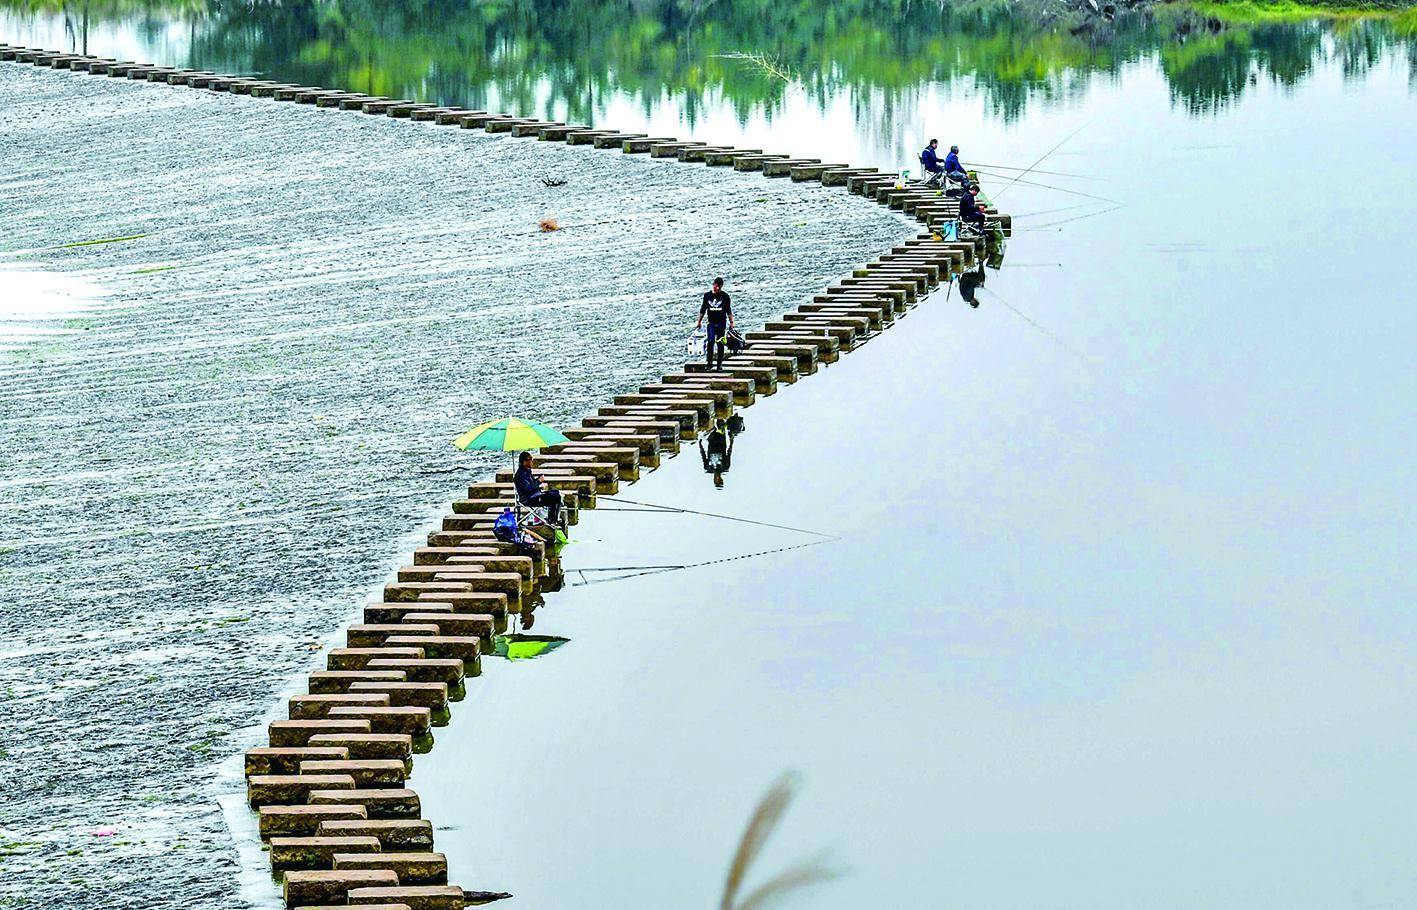 垂钓爱好者坐在永安溪水碇步上尽情地享受着垂钓的乐趣